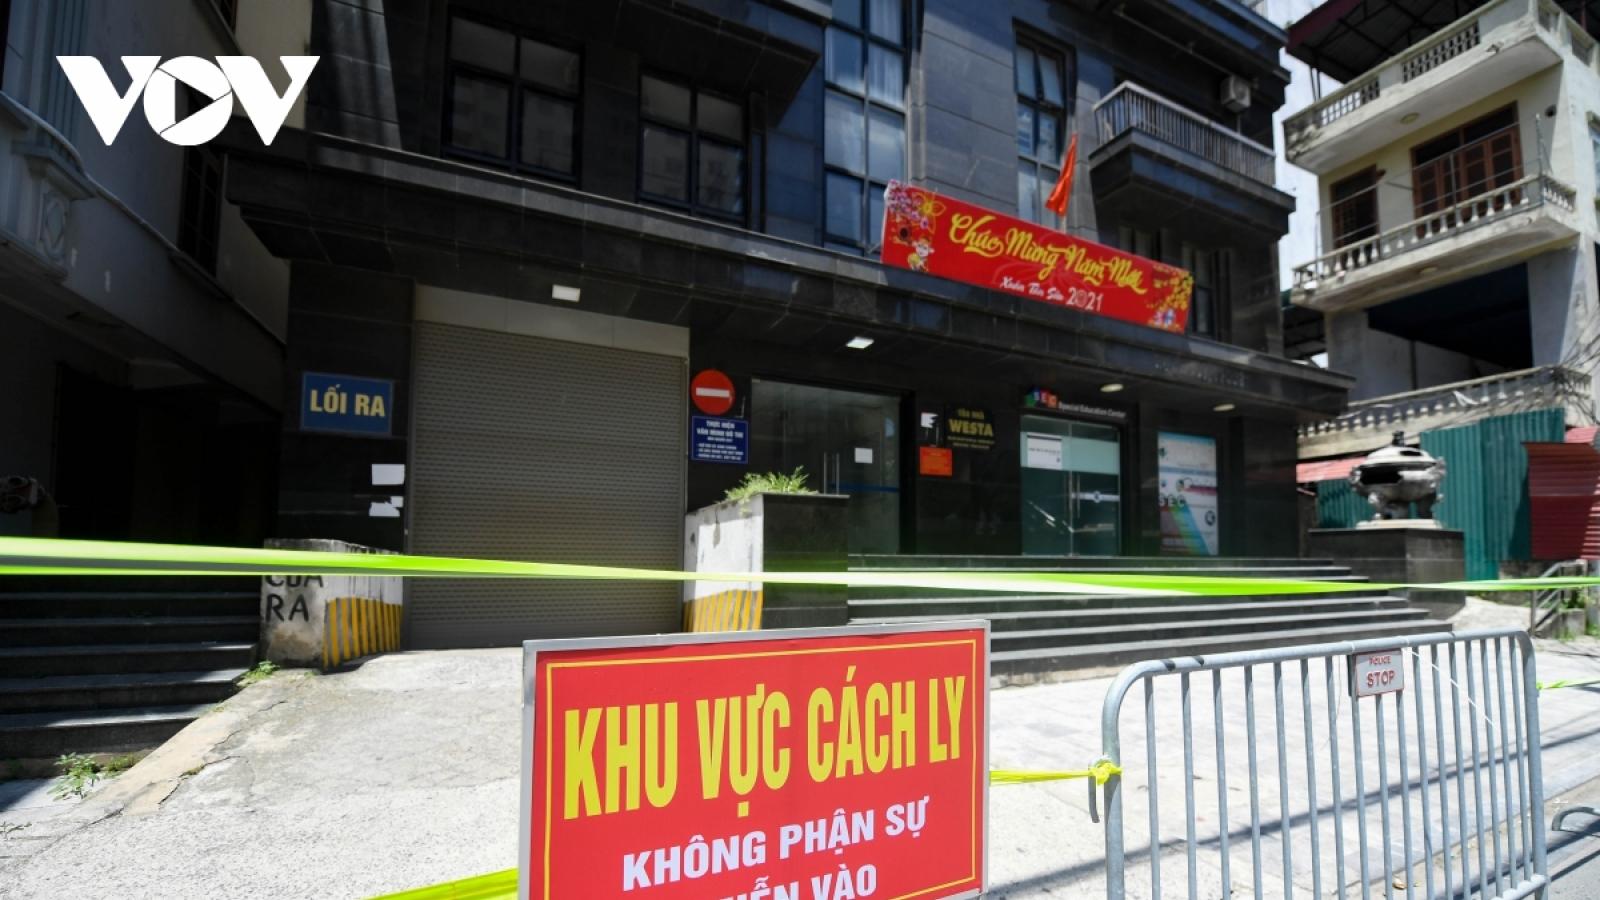 Hà Nội có thêm 13 ca dương tính với SARS-CoV-2, 6 người là F1 của nhân viên Vietinbank